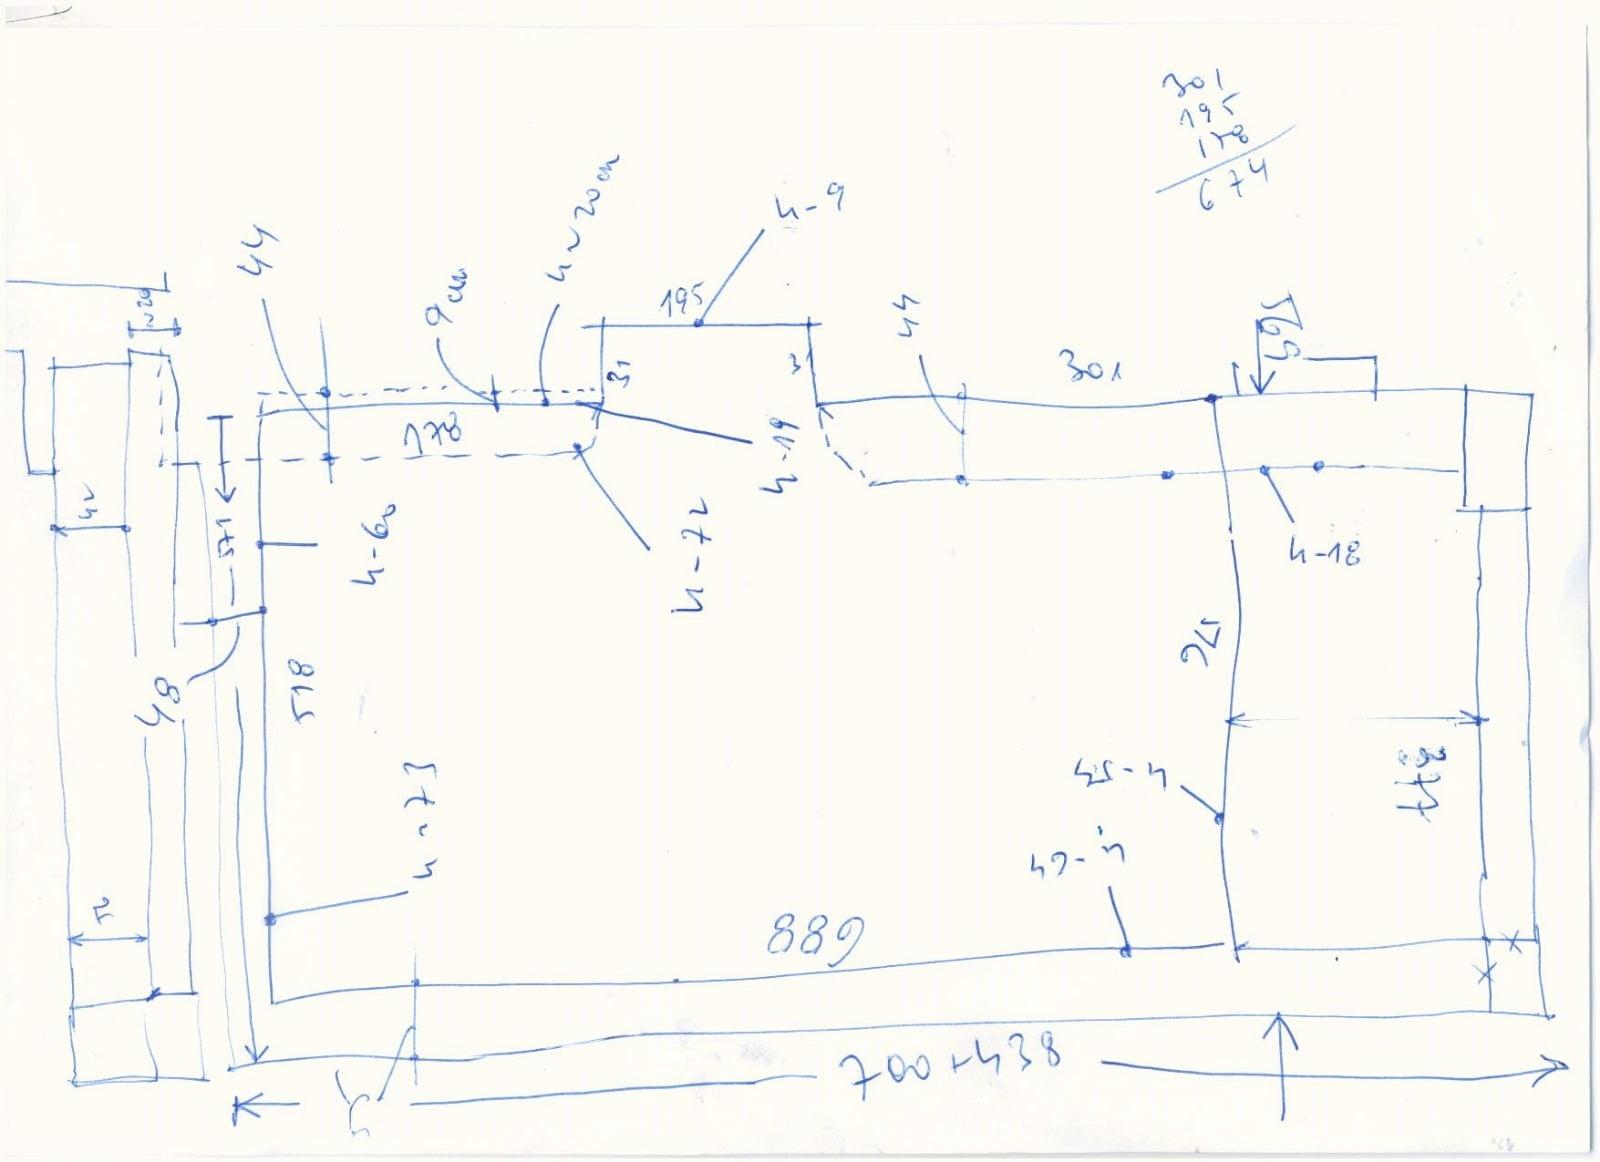 Zeichnung, Maße, Inventar der Terrasse, die auf das verstellbare Stelzlager gelegt wird.